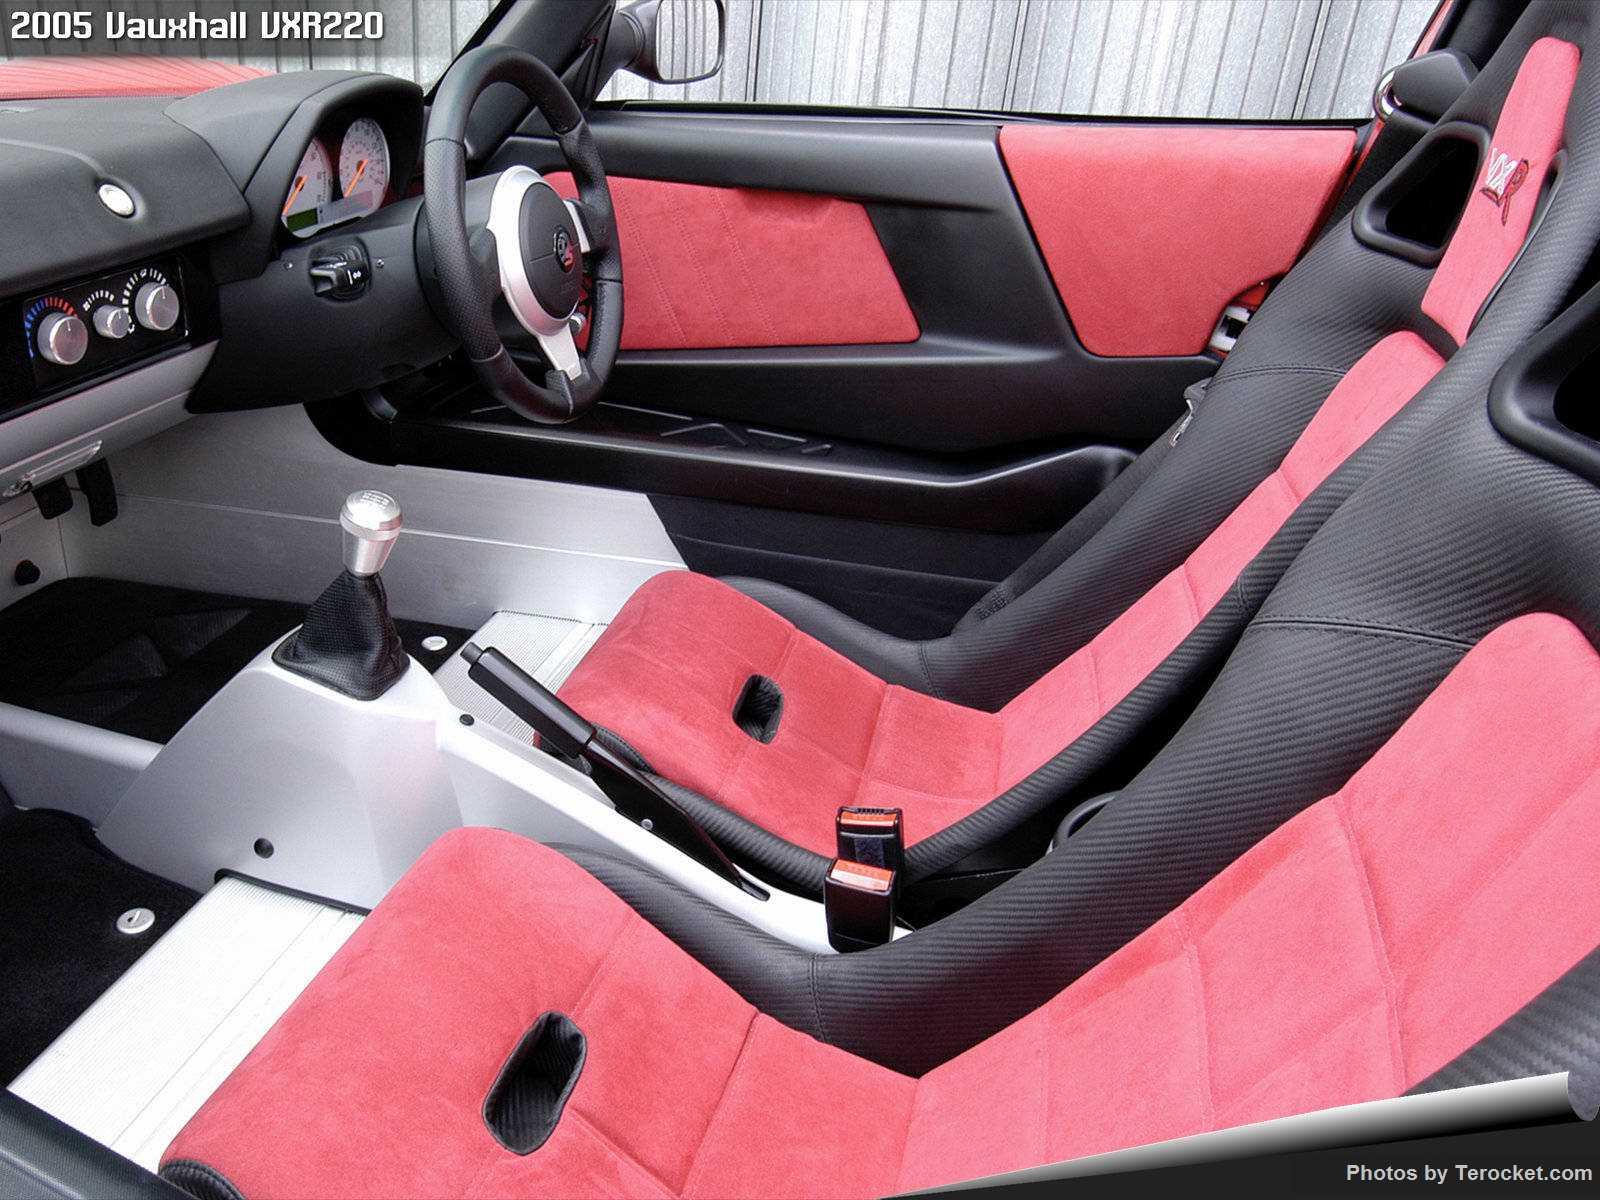 Hình ảnh xe ô tô Vauxhall VXR220 2005 & nội ngoại thất